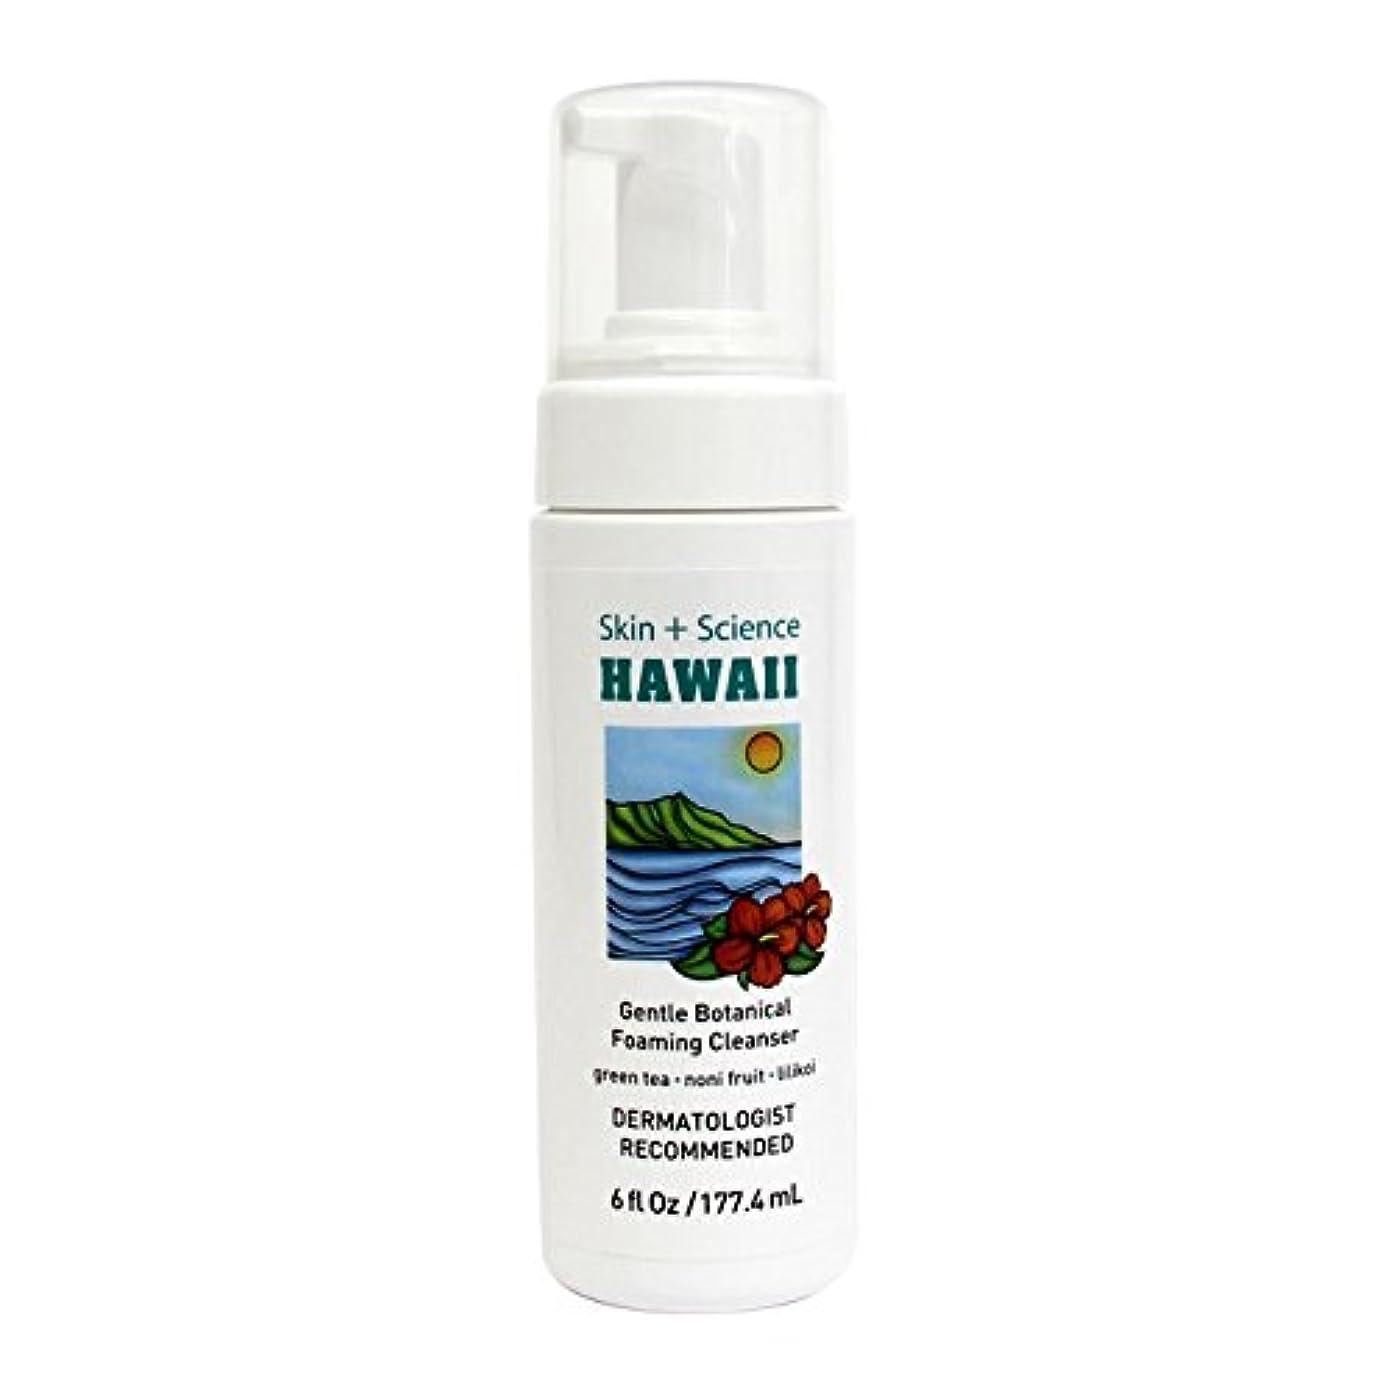 糞下手印象スキンサイエンス ハワイ ボタニカルフォーミングクレンザー 177.4ml